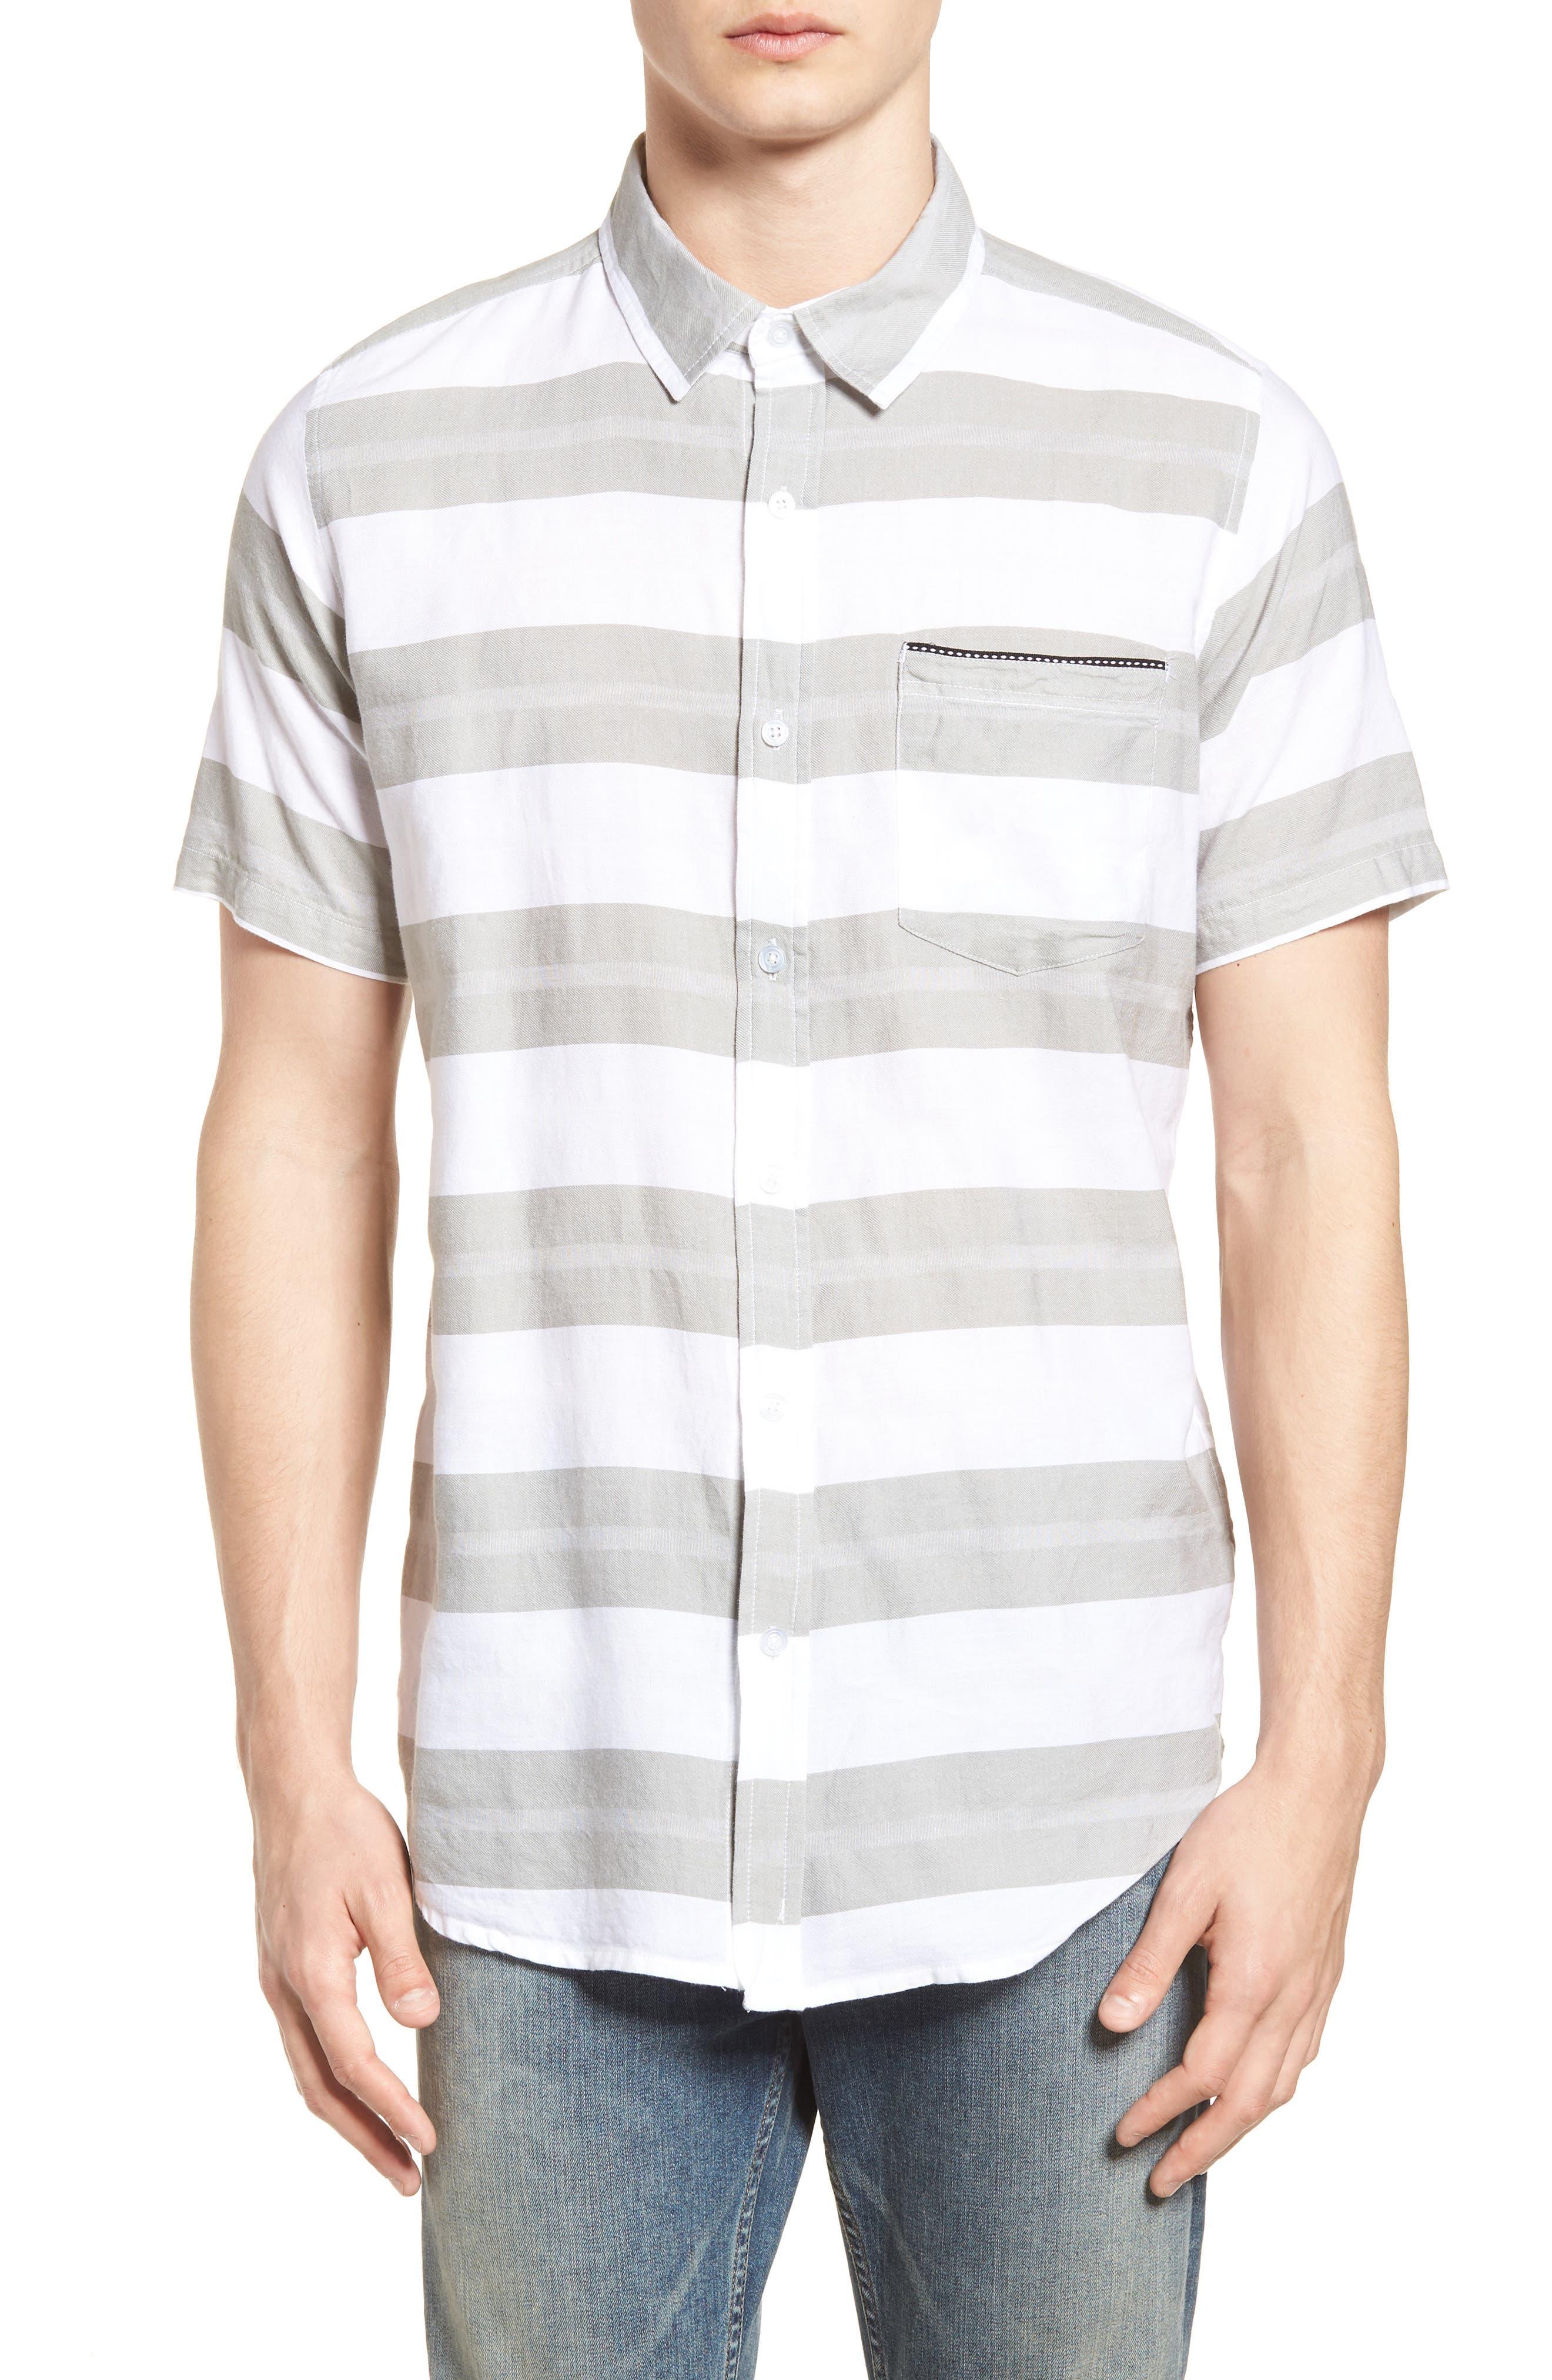 Dobson Woven Shirt,                         Main,                         color, WHITE/SMOKE STRIPE